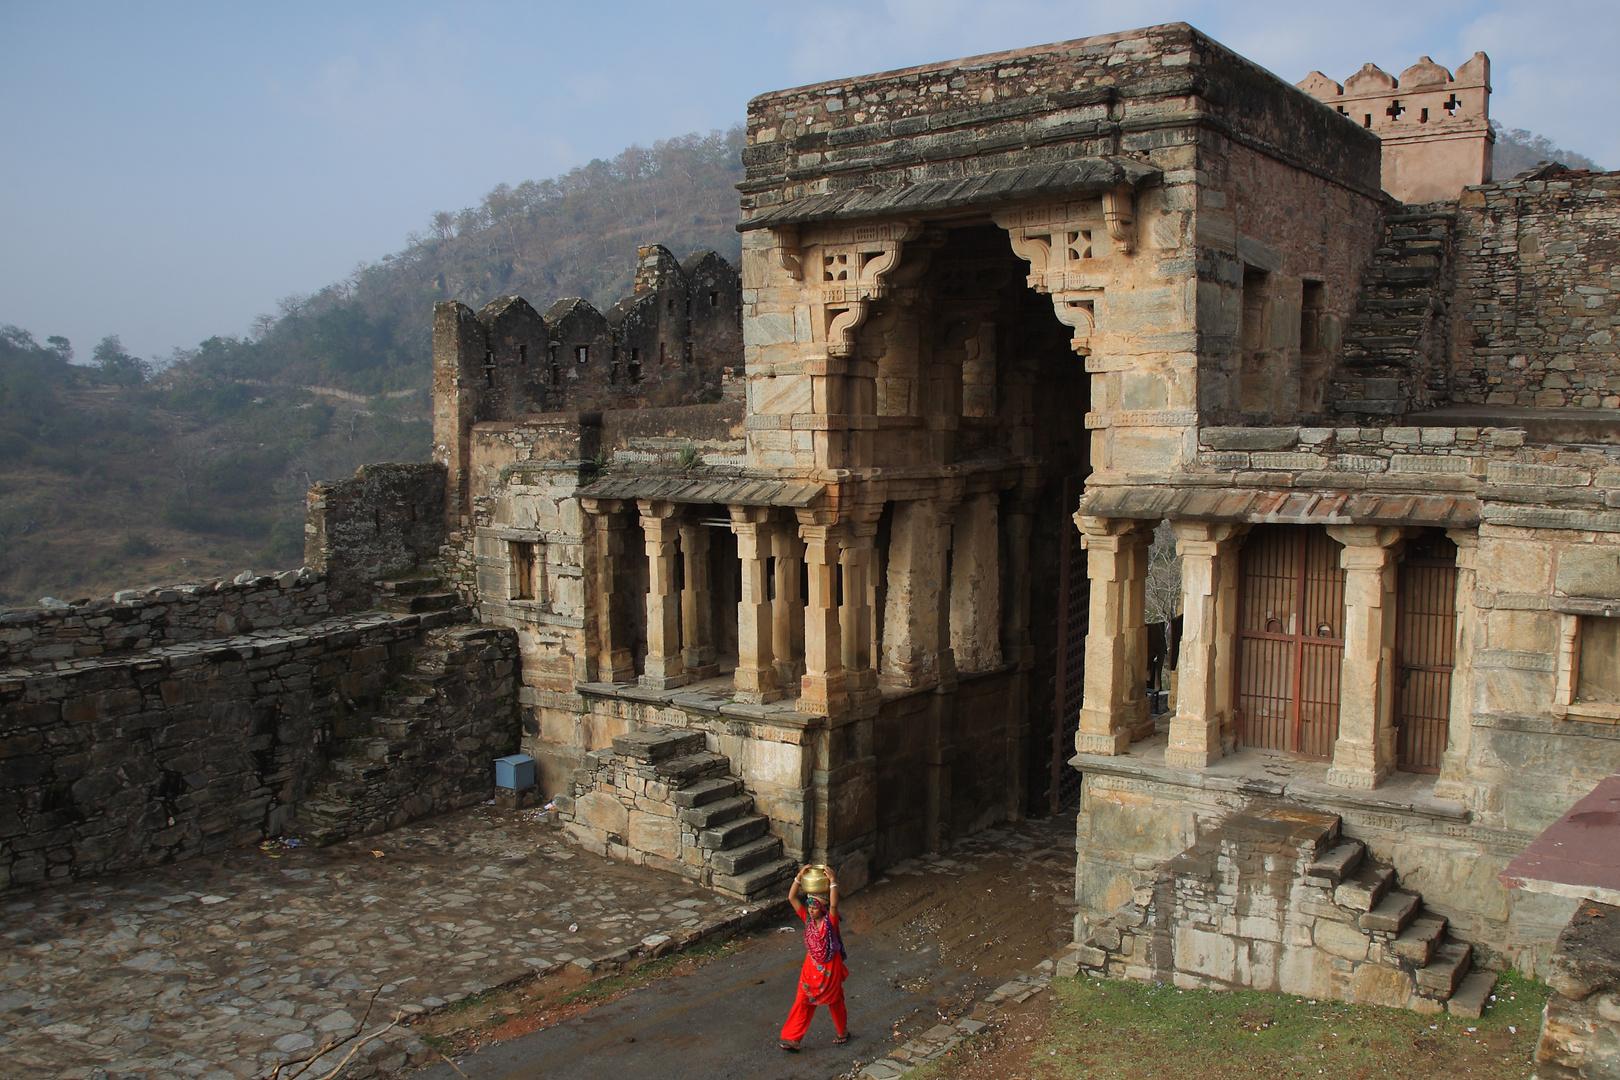 Entrée de la forteresse de Kumbhalgarh, montagnes du Rajasthan